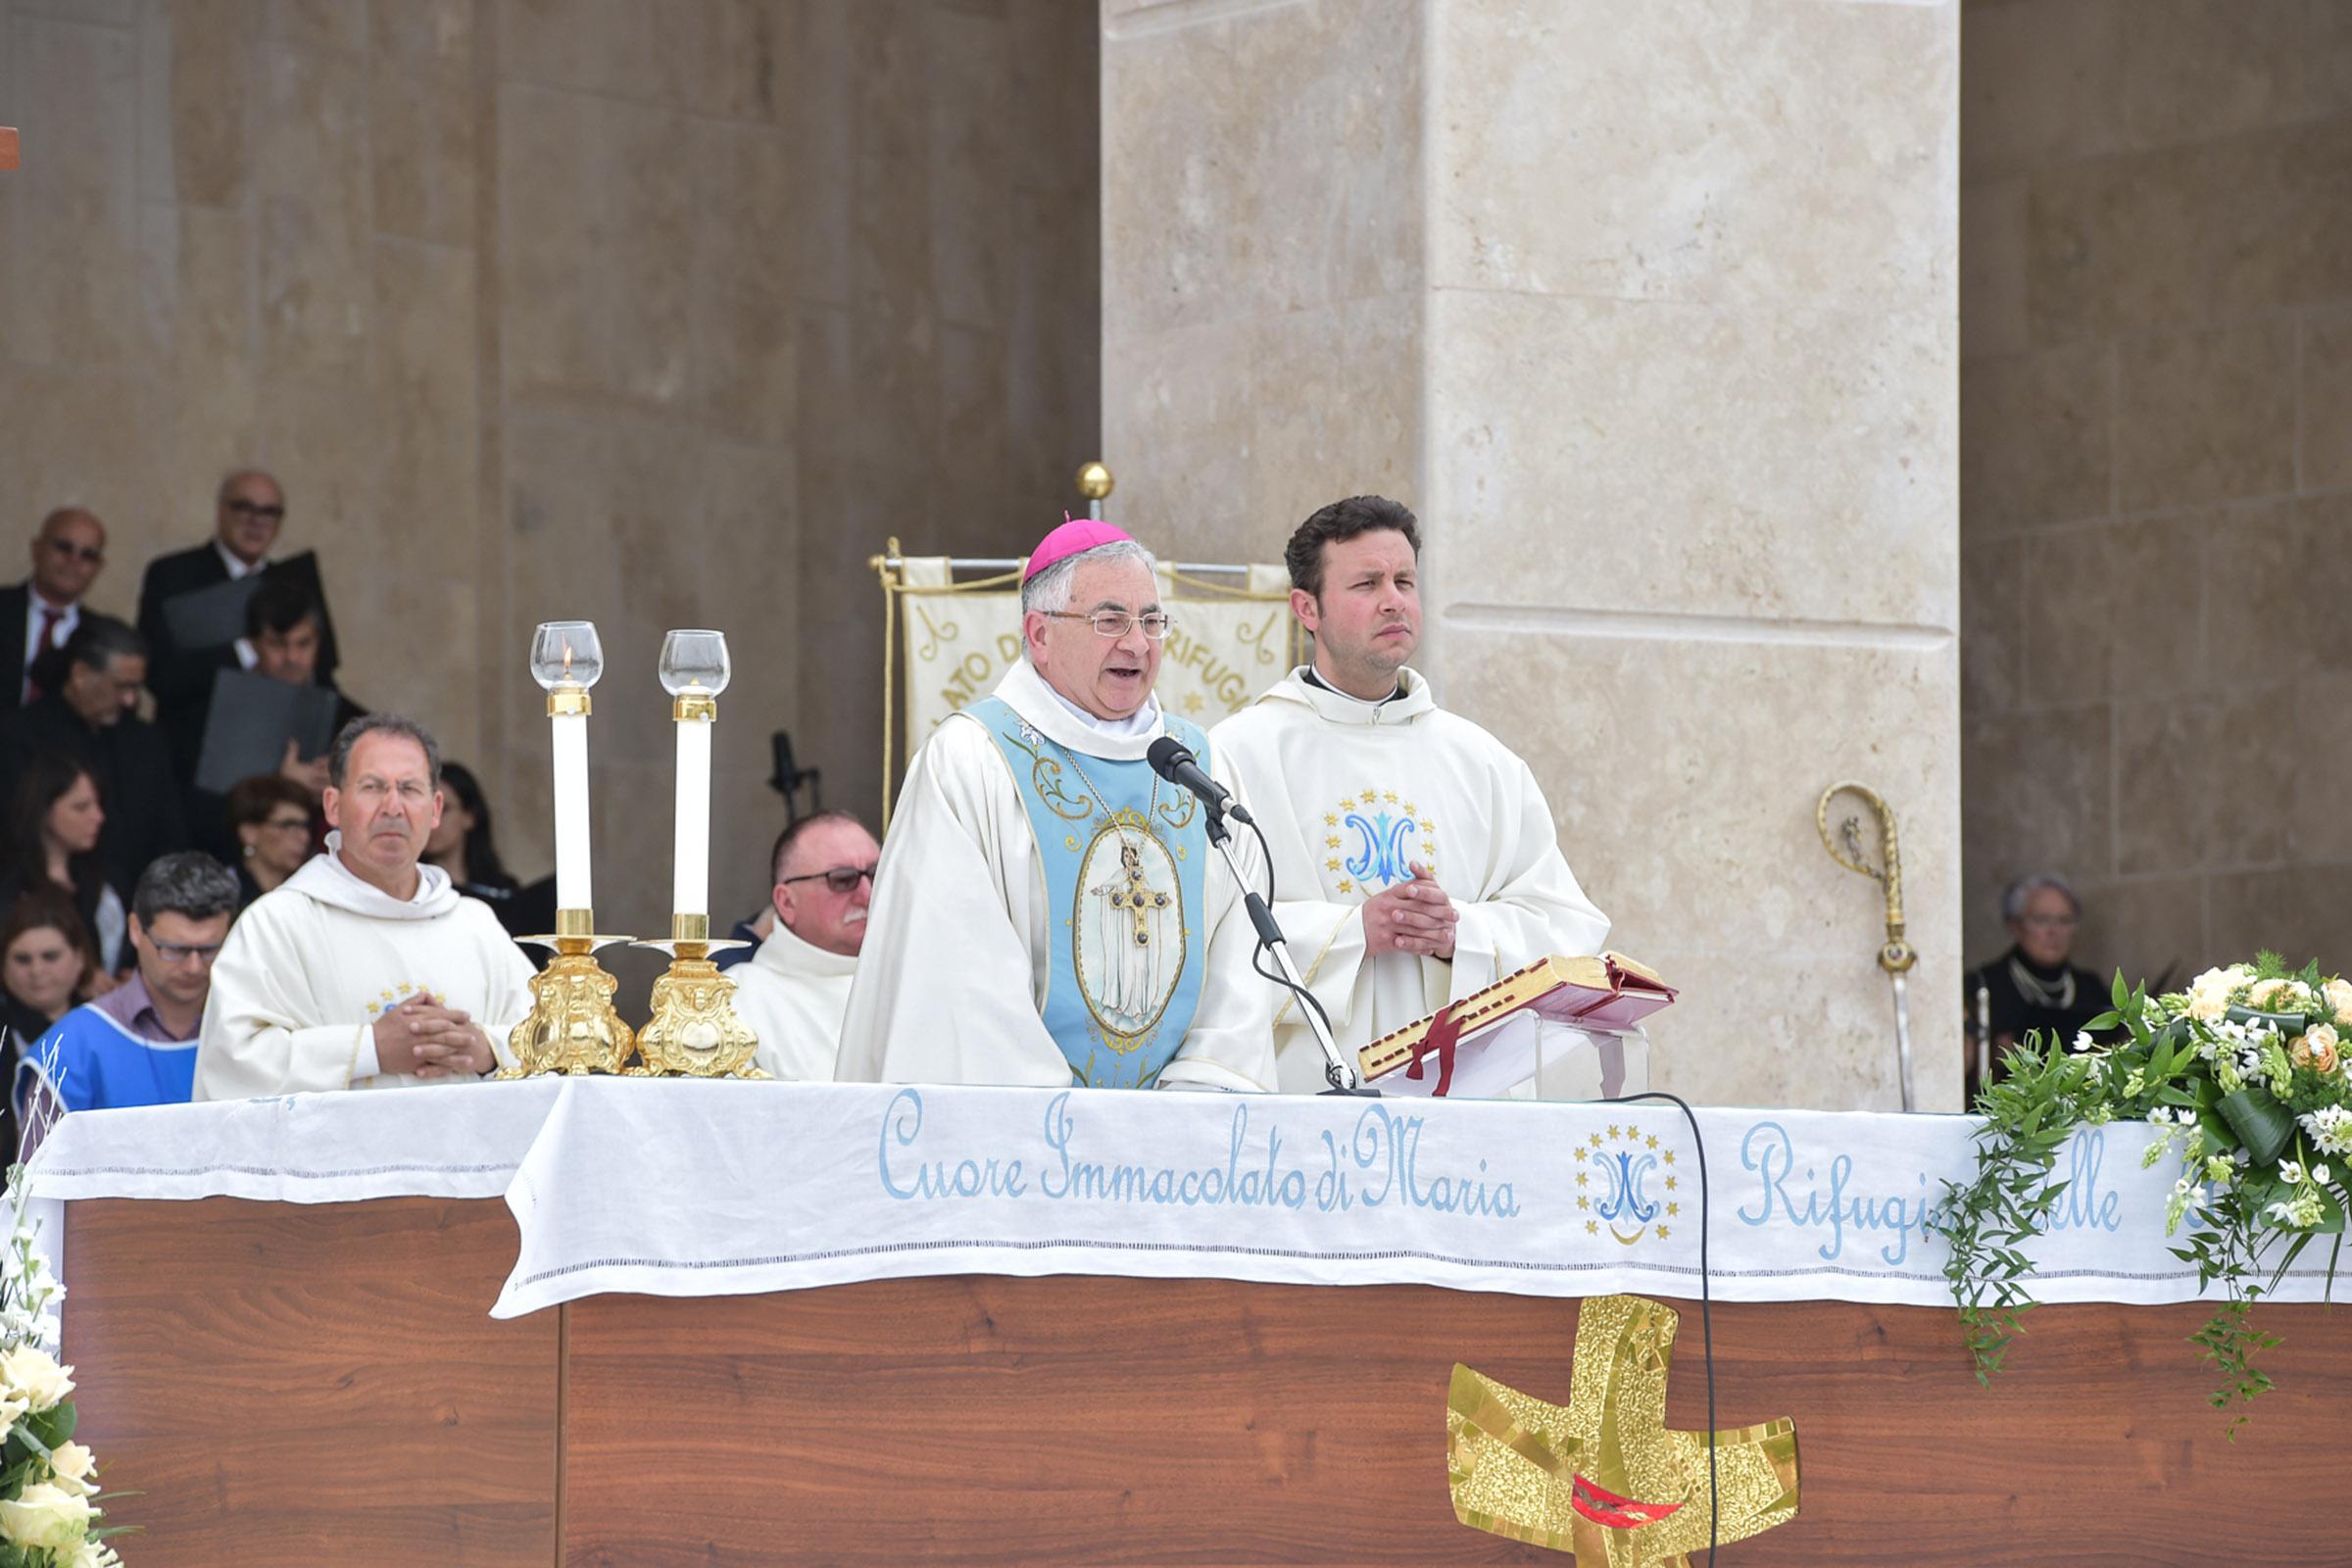 Scontro tra Diocesi di Mileto e la Fondazione NatuzzaIl vescovo Luigi Renzo: «Non potevo non intervenire»